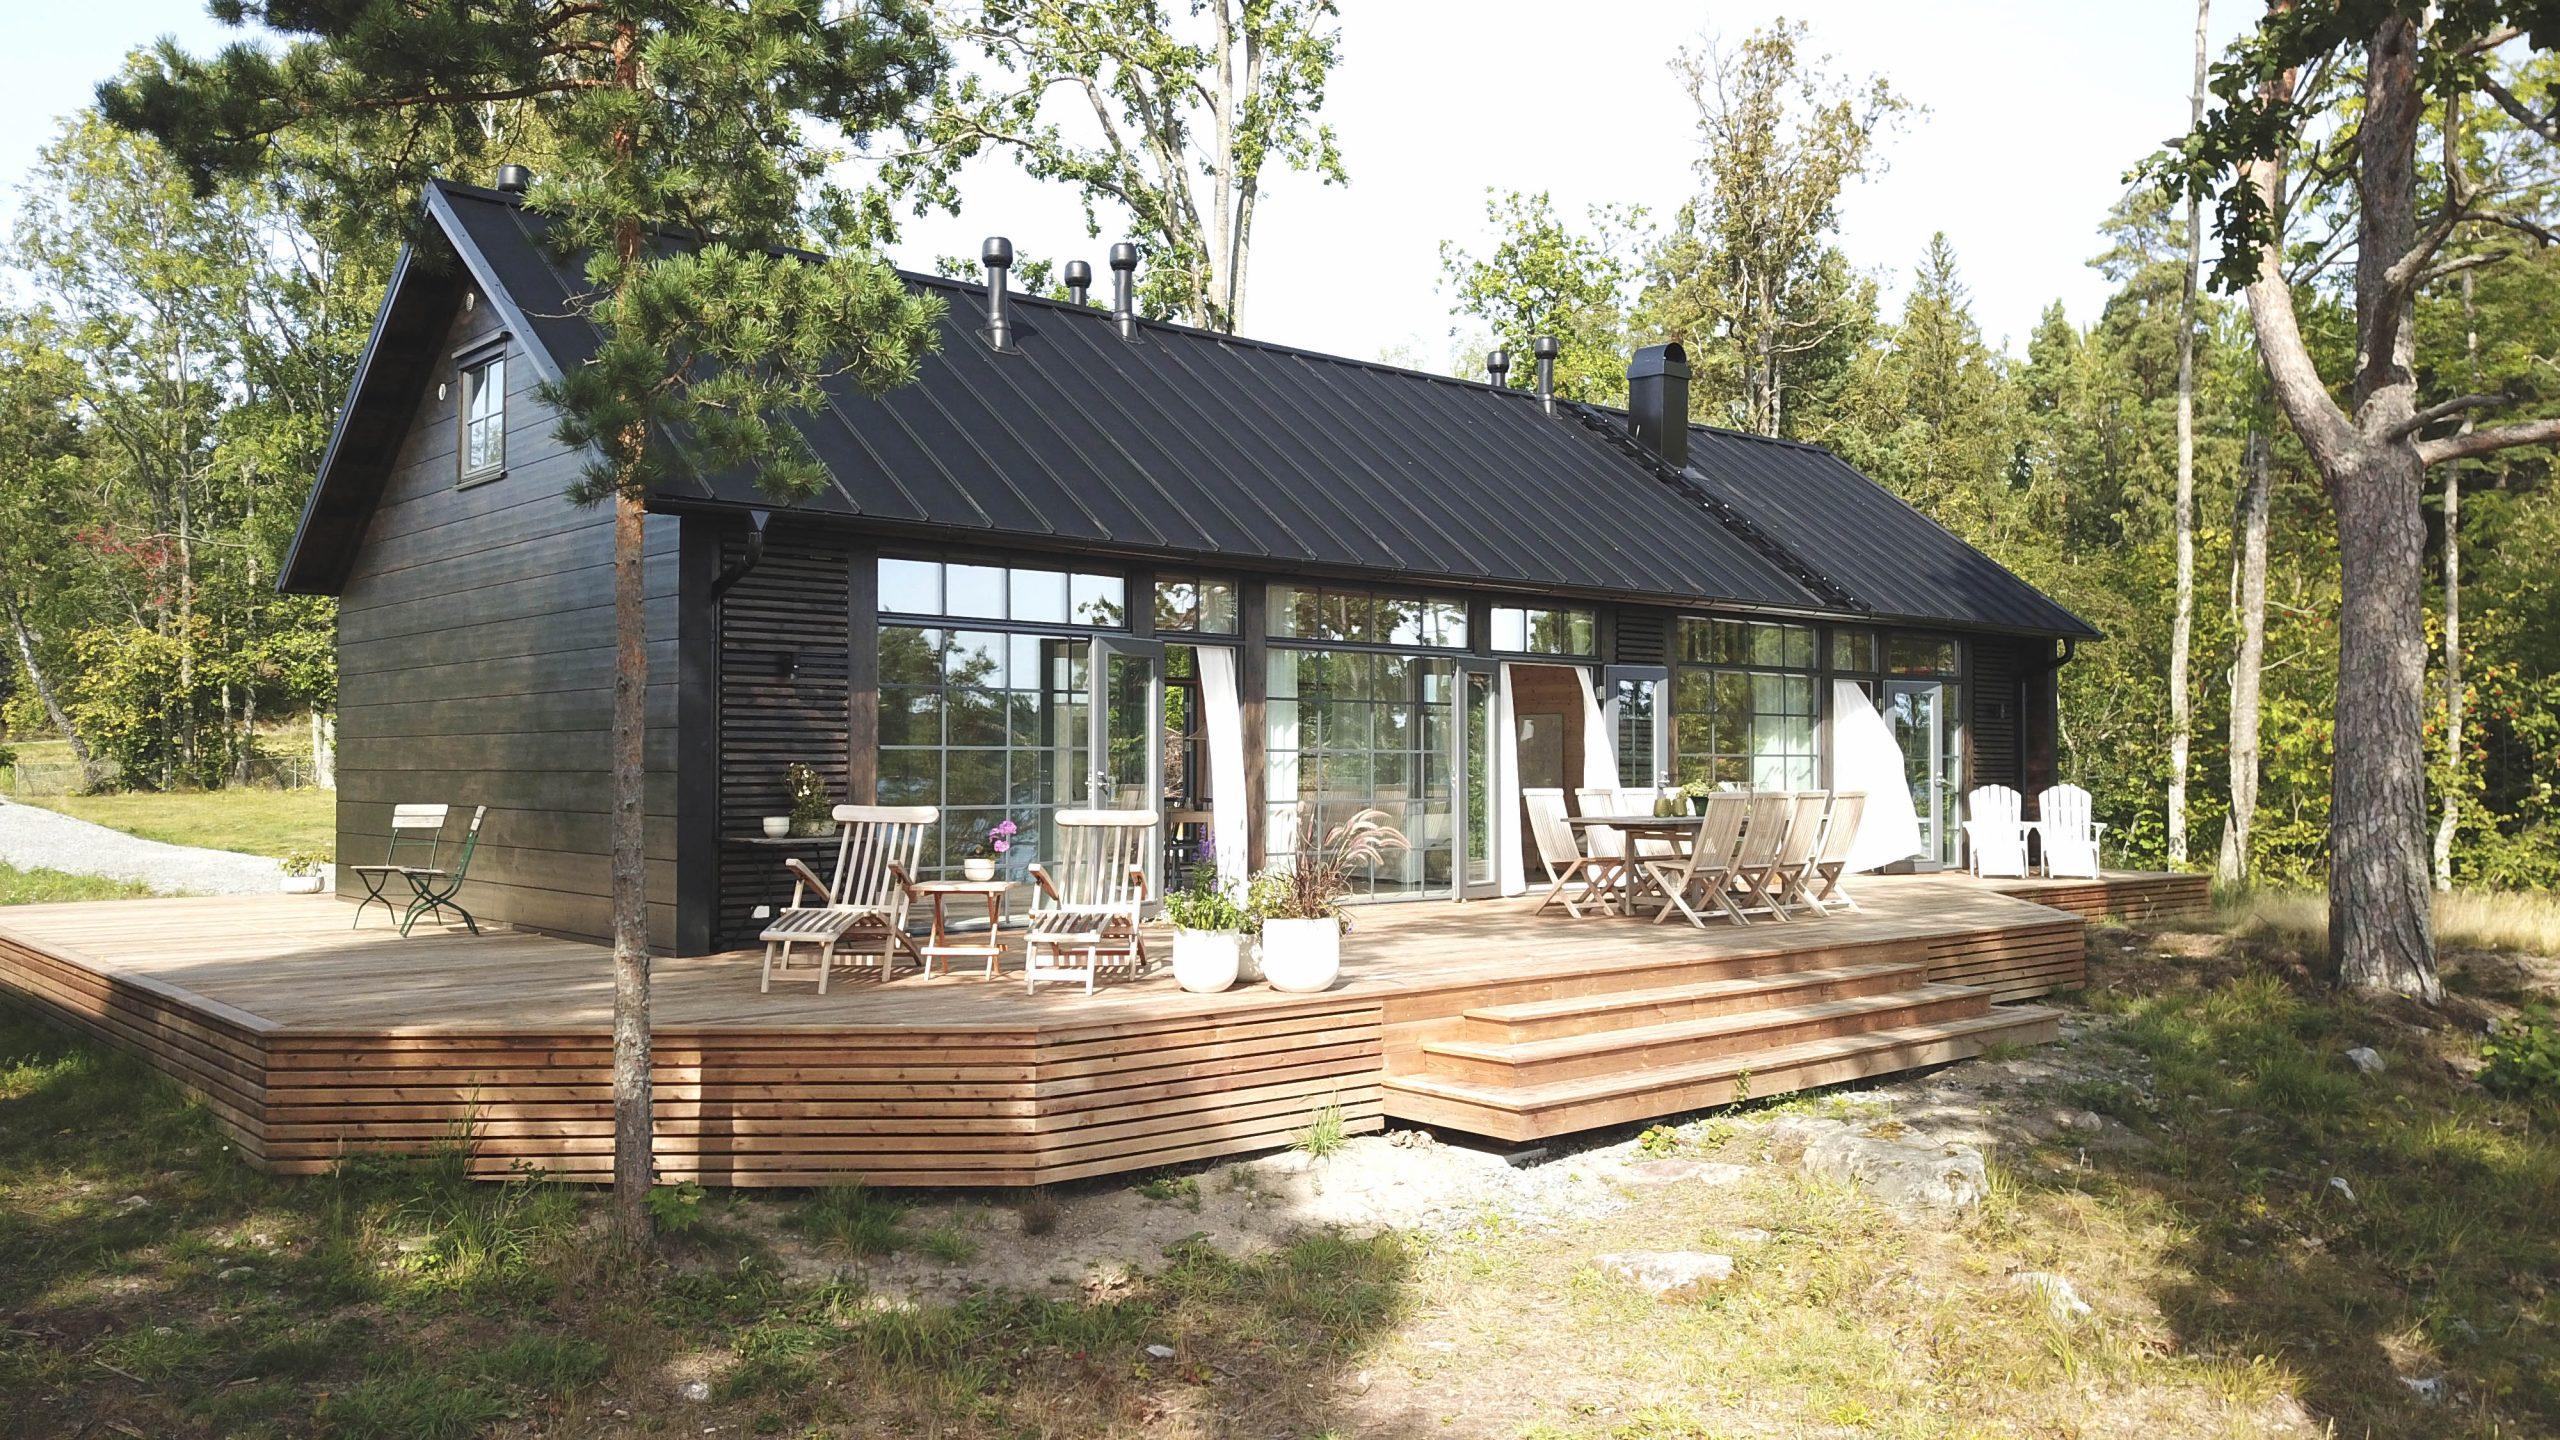 Construcciones acristaladas que se integran con la naturaleza